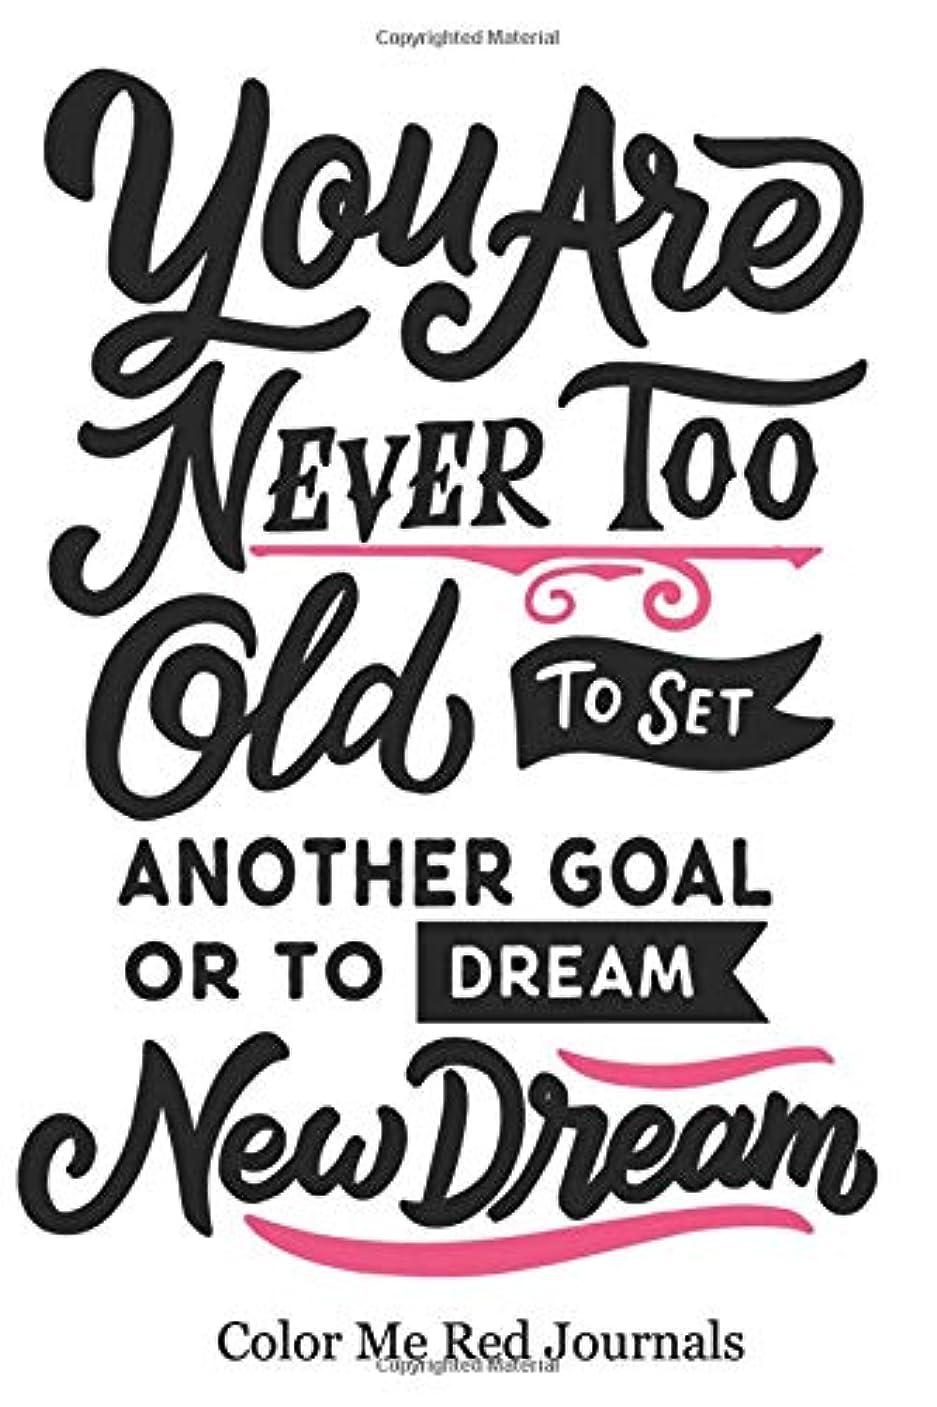 衝突エイリアスマナーYou Are Never Too Old to Set Another Goal or to Dream New Dreams: Motivating Quote Journal, Journal Gift, Note Taking and Writing, Inspiring Notebook Journal, Small 6x9 paperback 150 pages